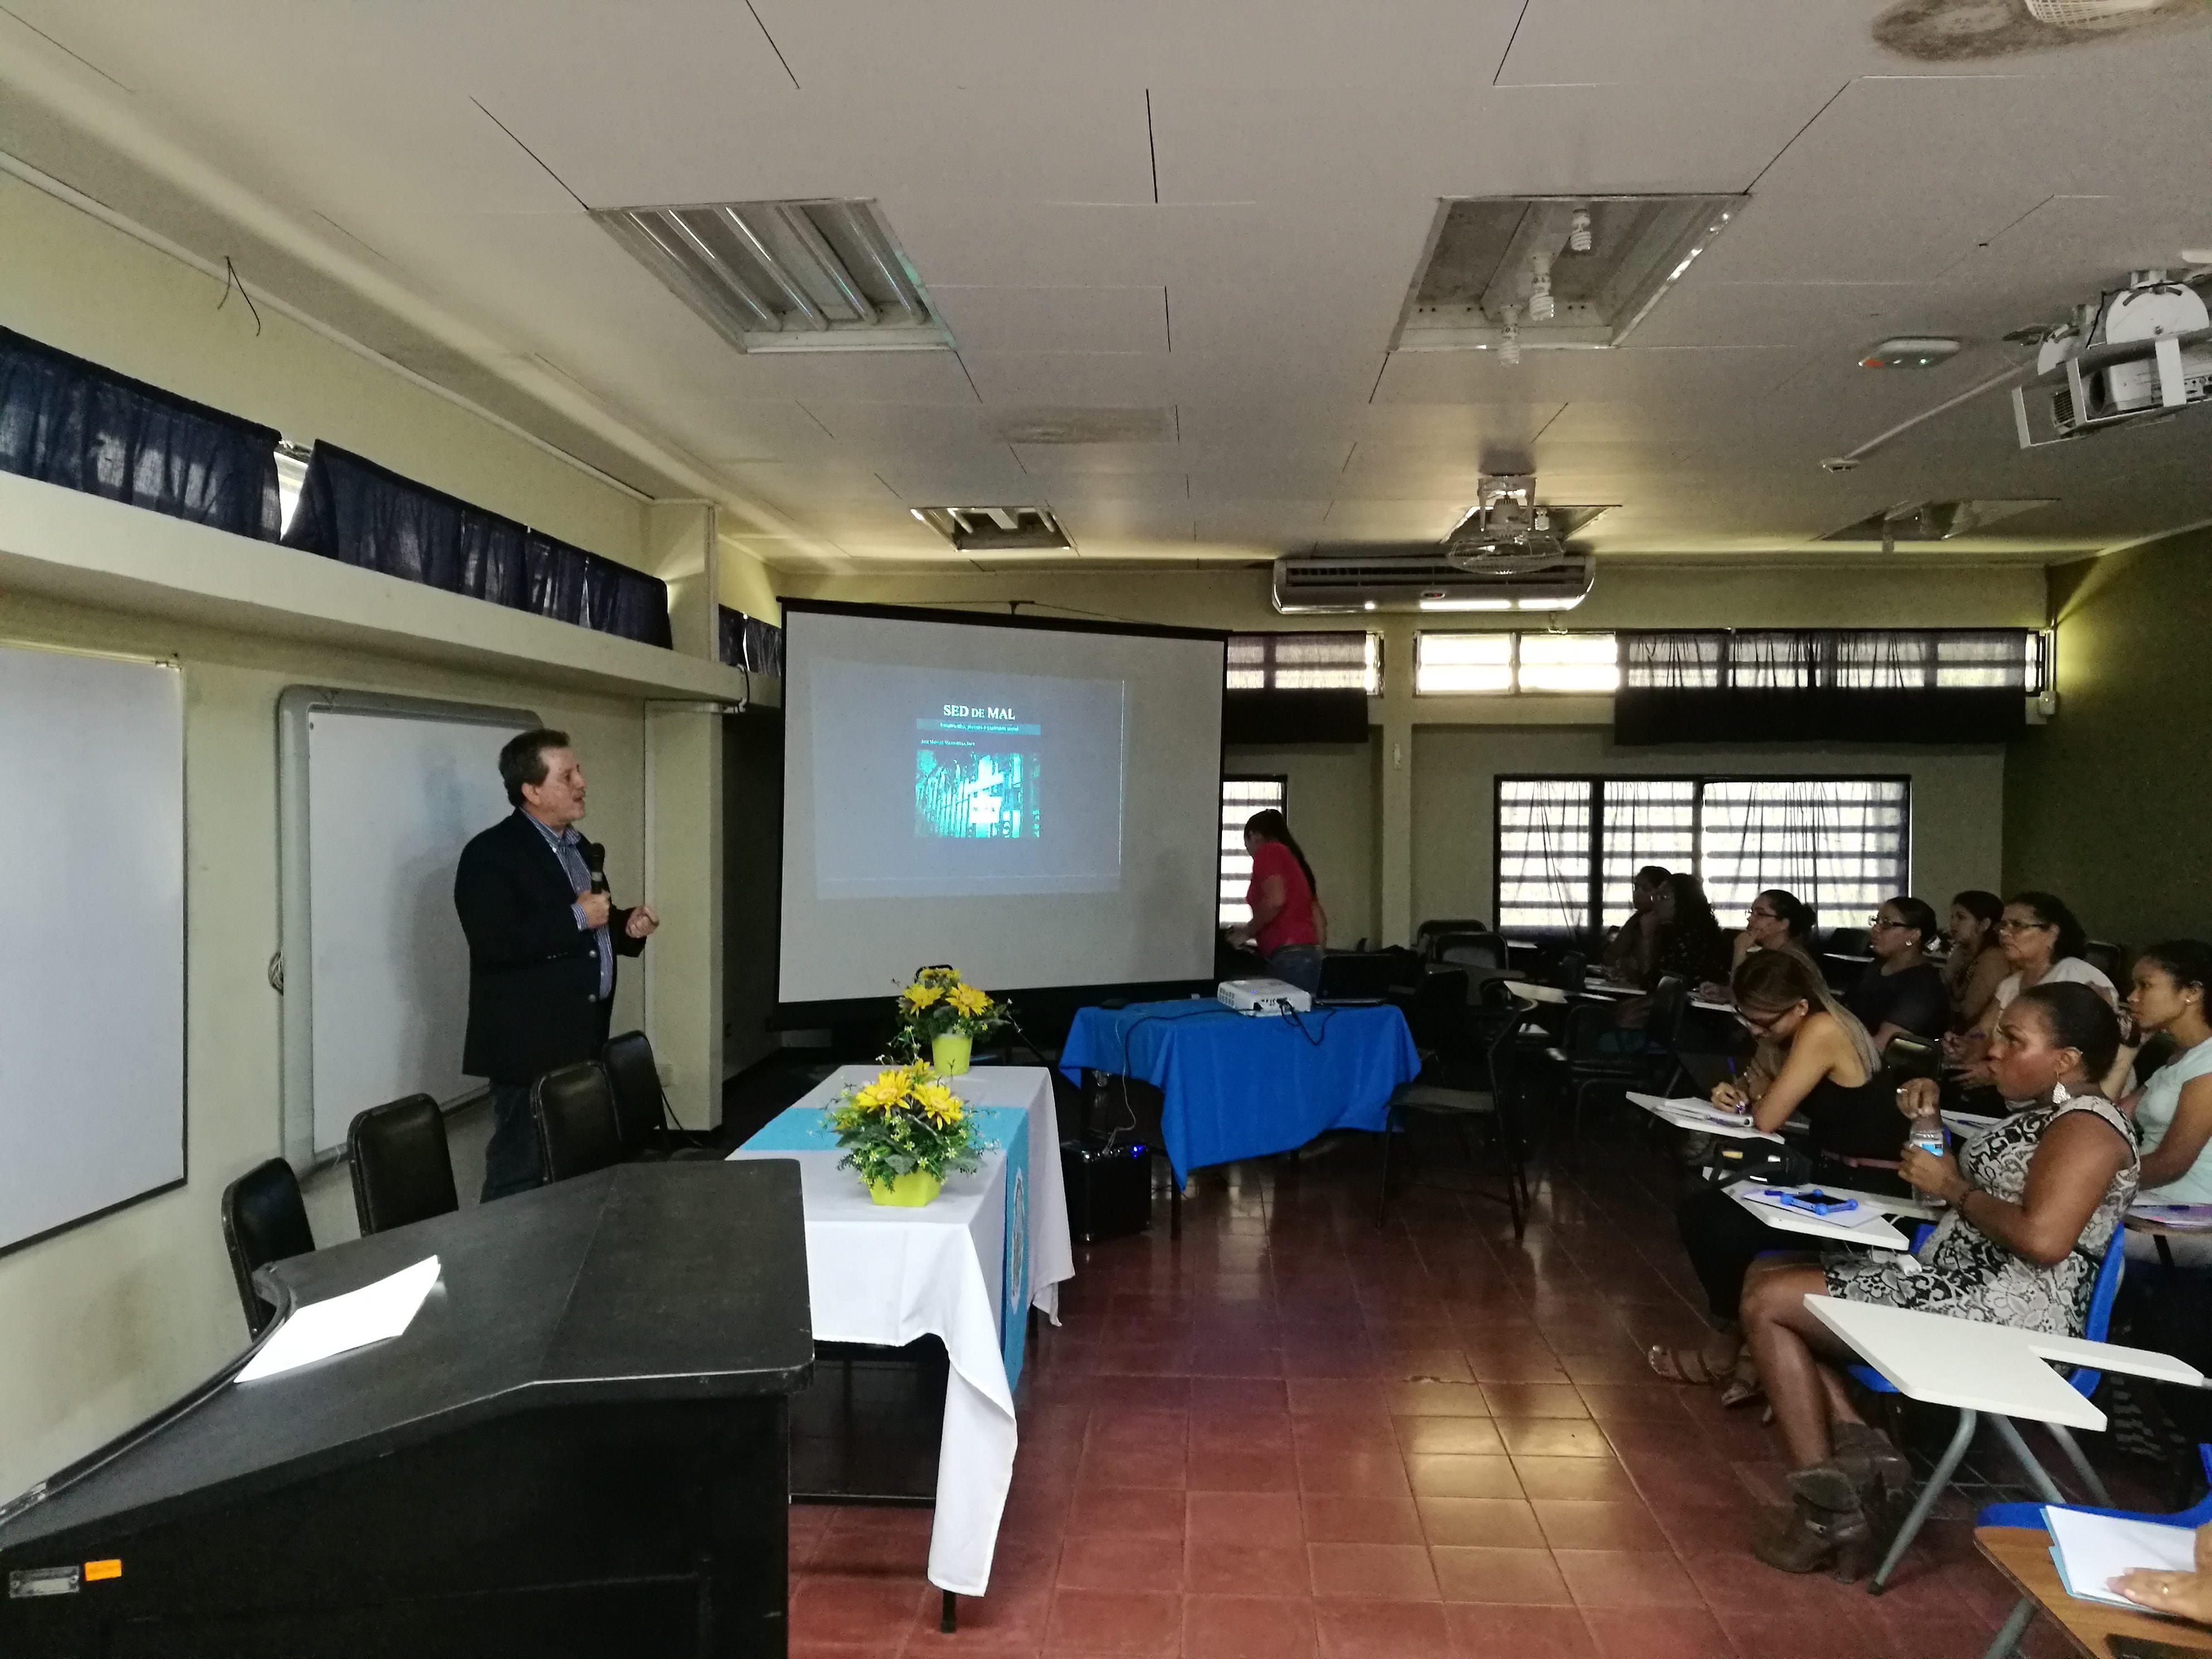 """El Dr. José Manuel Valenzuela, invitado internacional, expuso la conferencia """"Juventud y narcocultura"""" en la Sede Caribe."""